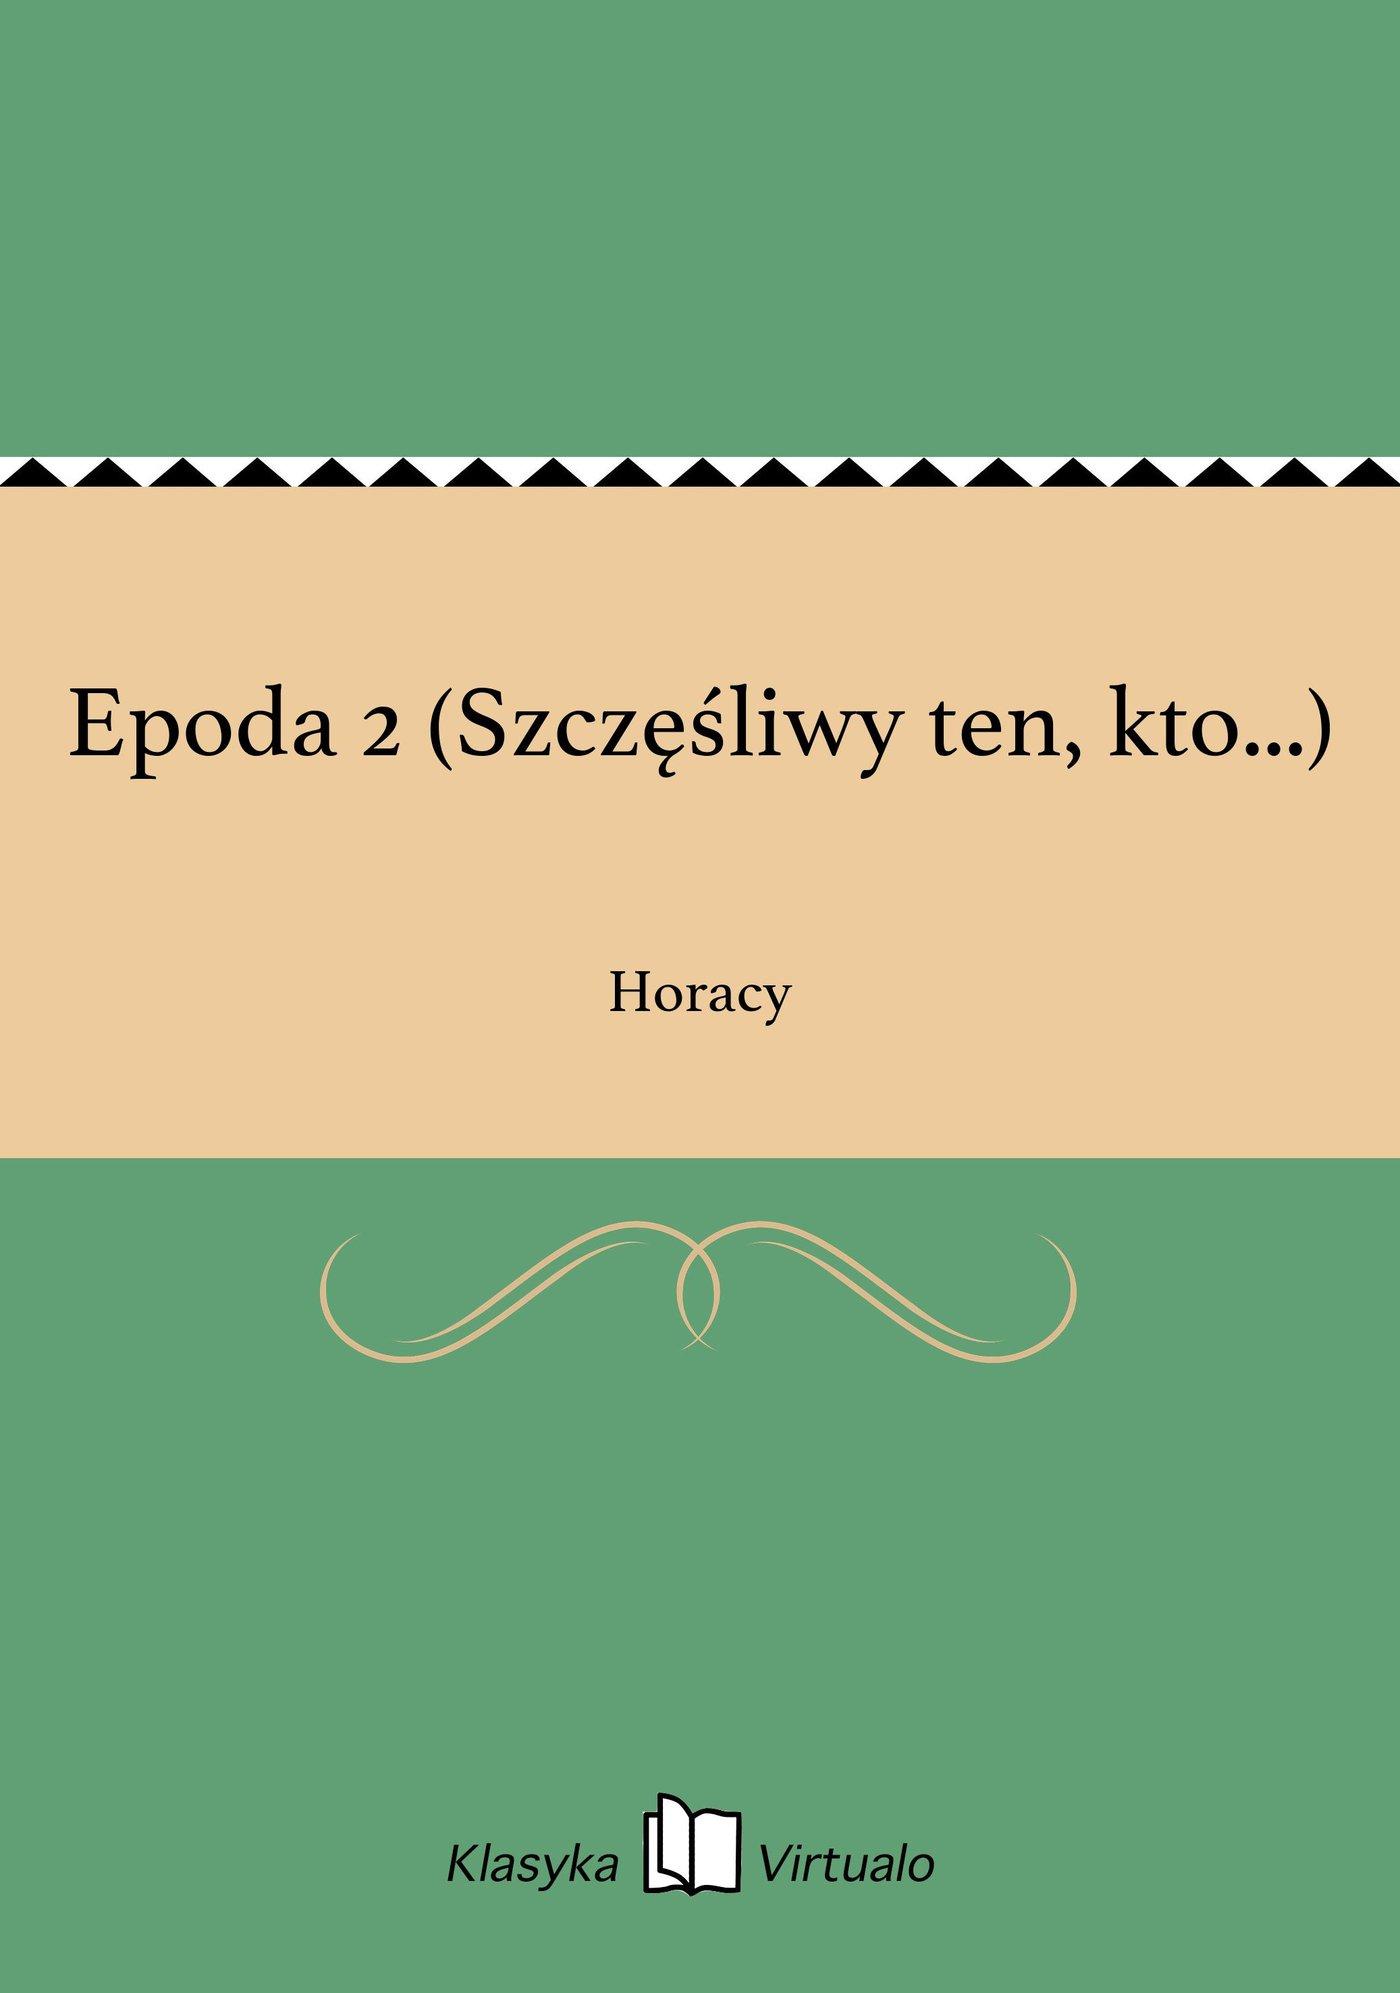 Epoda 2 (Szczęśliwy ten, kto...) - Ebook (Książka EPUB) do pobrania w formacie EPUB